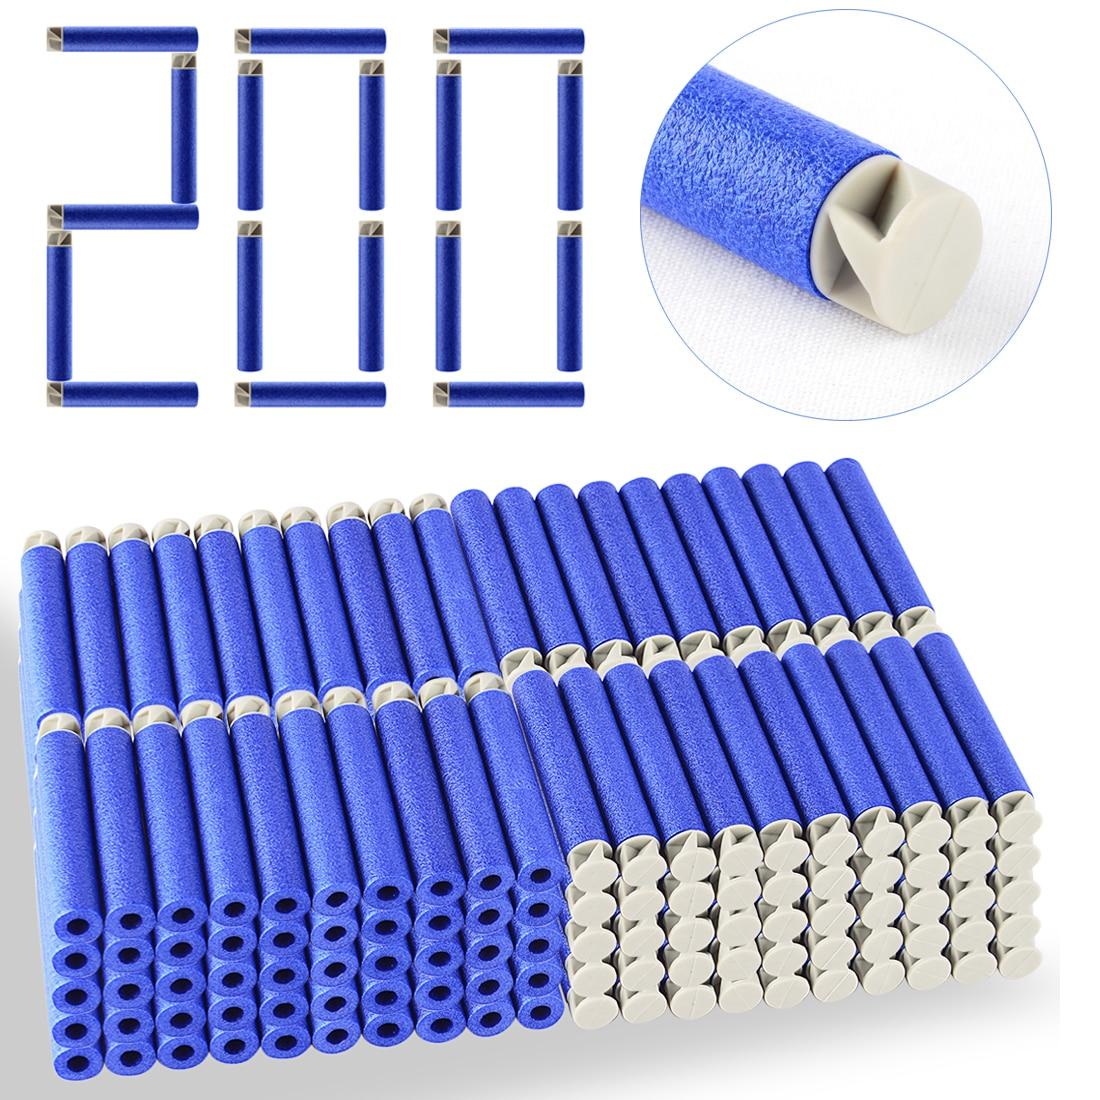 200 stücke 13 Farben Weiche Kugel Flache Weiche Kopf Schaumkugeln - Outdoor-Spaß und Sport